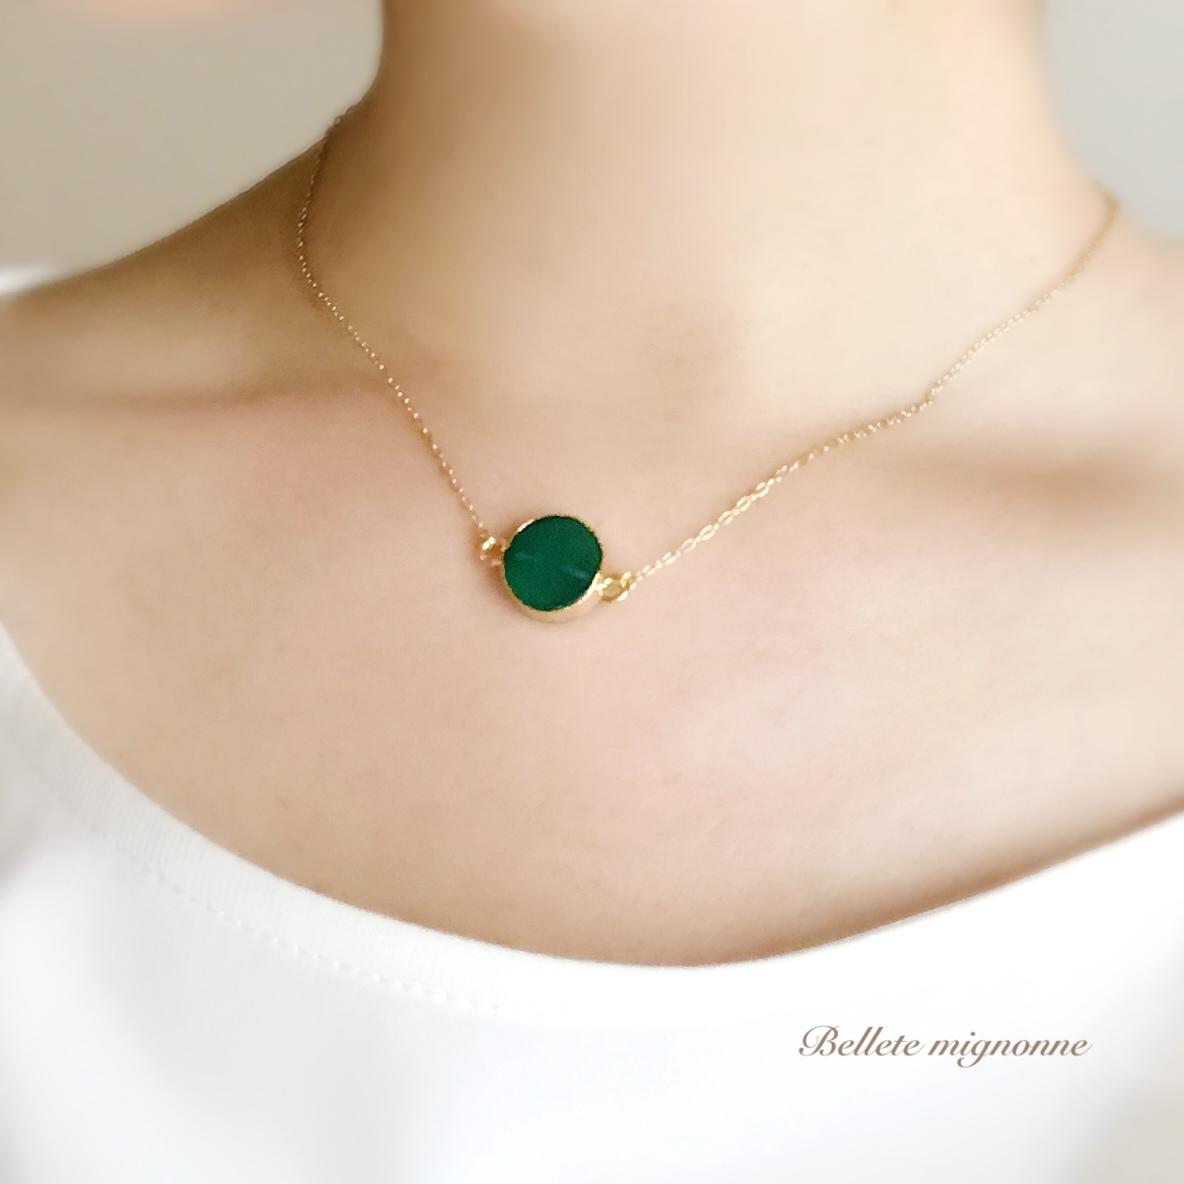 【再販】charme(魔法の薬) * 北欧の深い森、グリーンオニキスのネックレス